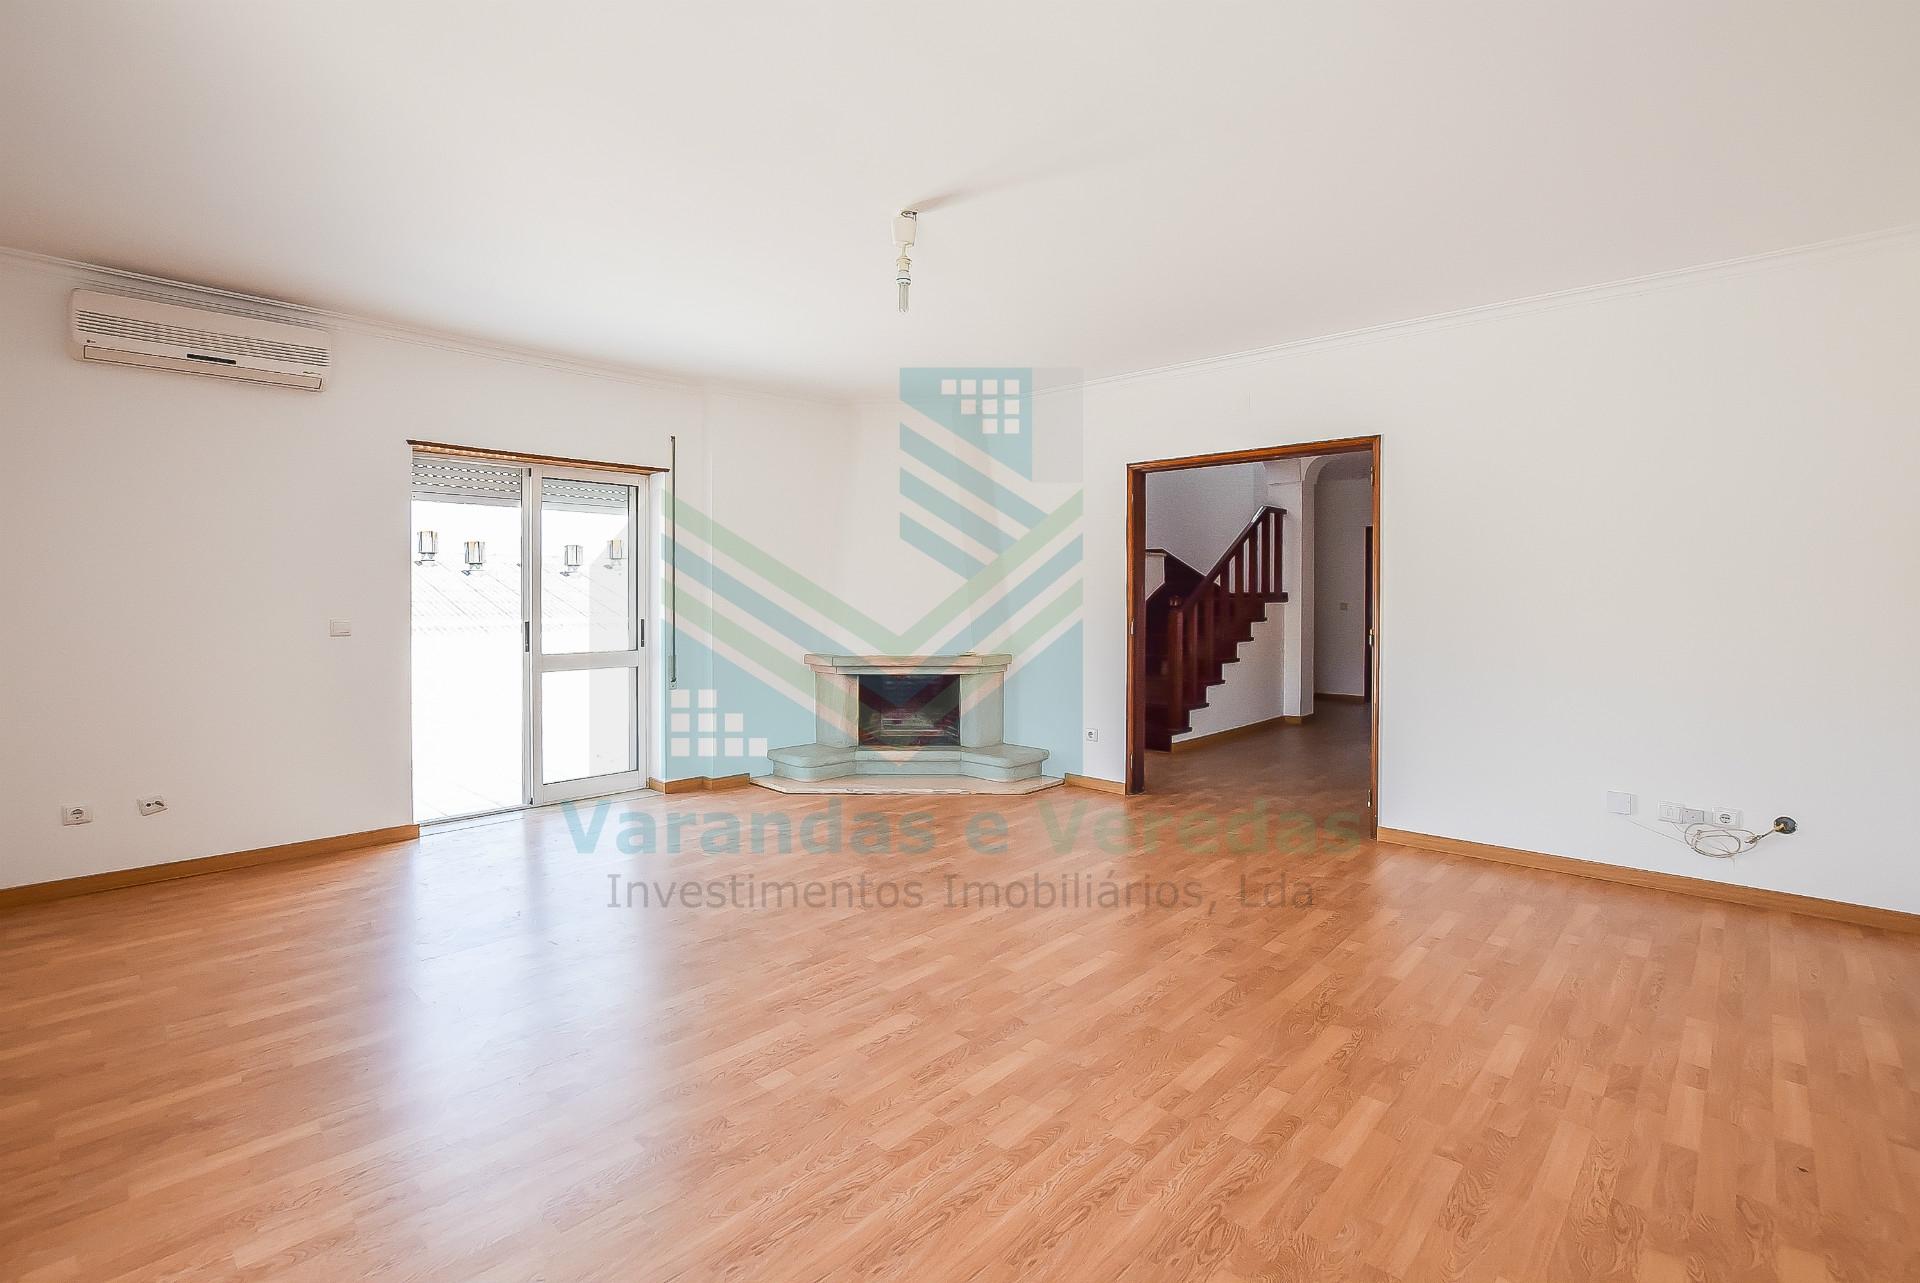 Apartamento T2 + 2 Duplex com garagem e 2 terraços em Torres Novas